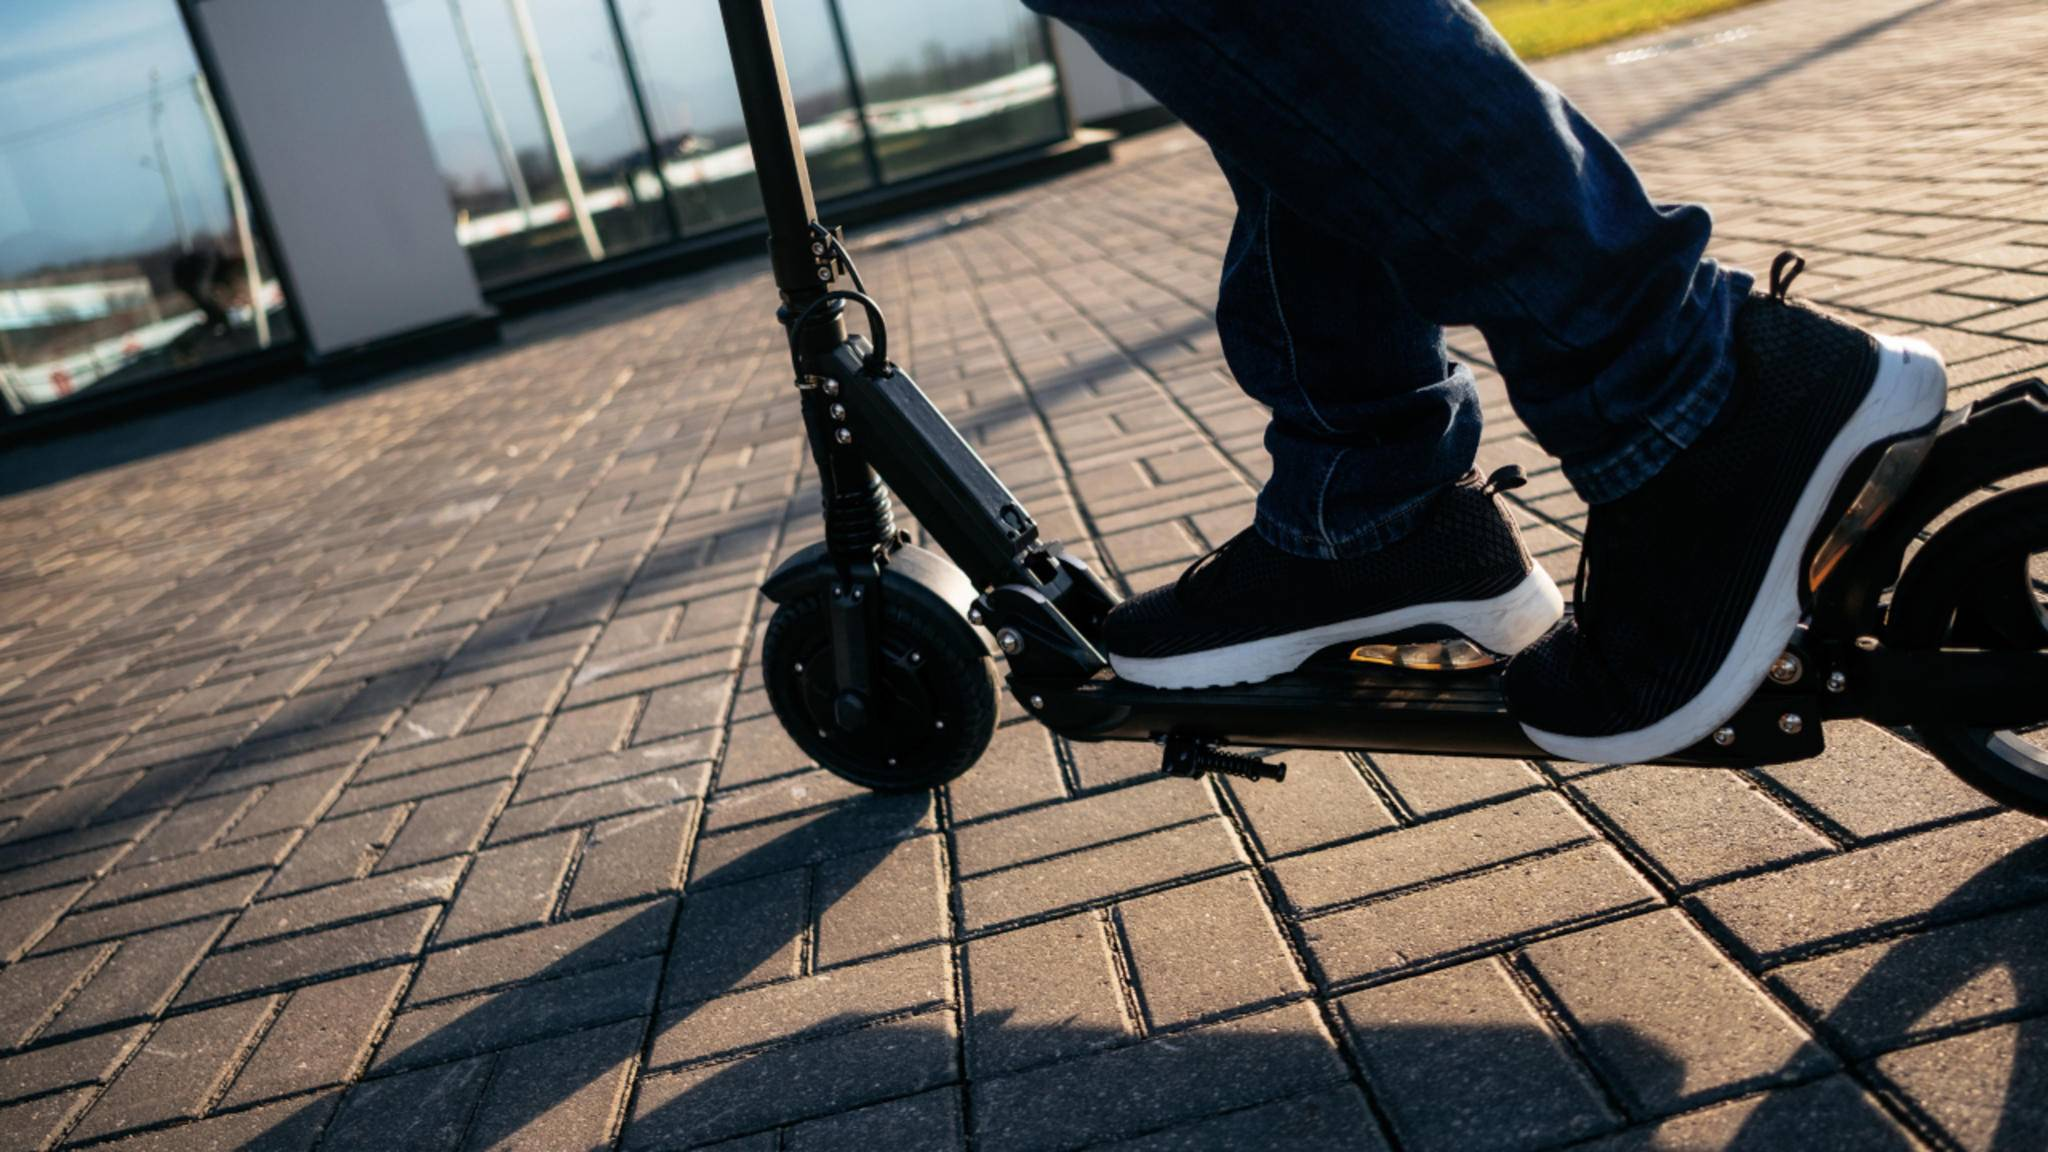 Wer einen E-Scooter kaufen will, sollte auf Dinge wie ein ABE-Kennzeichen achten.